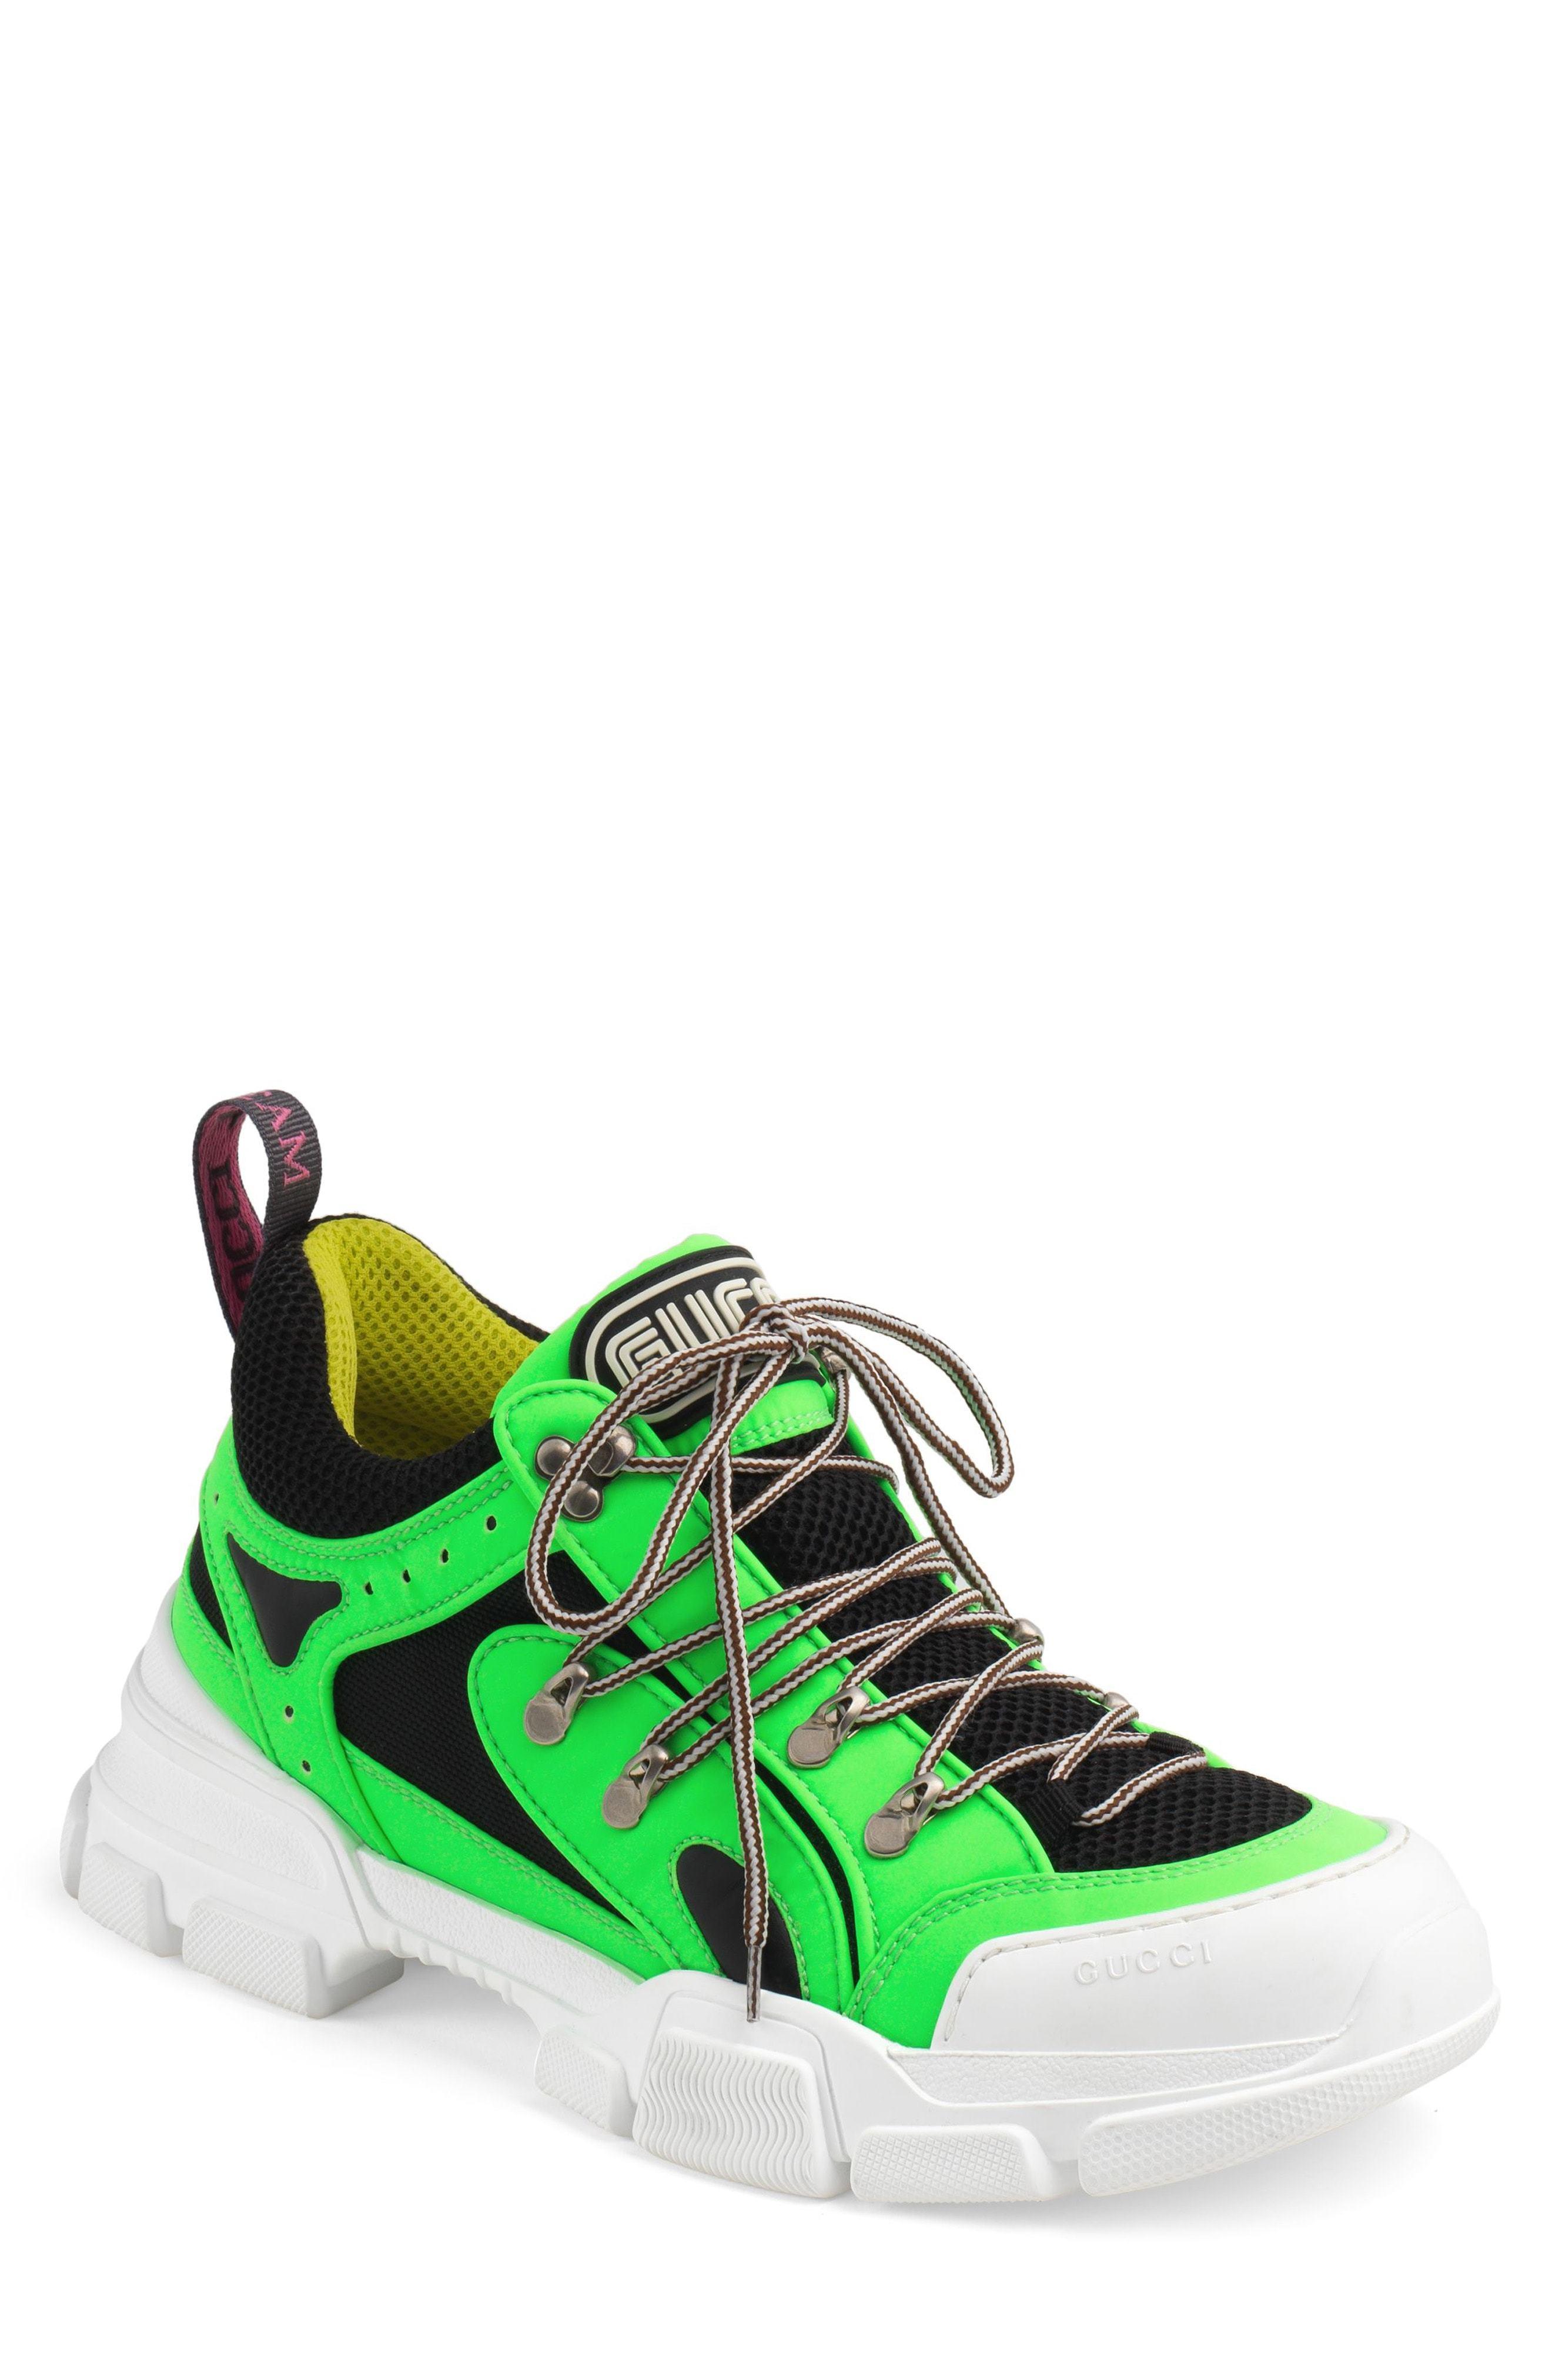 3833b380f5a ... Gucci Flashtrek Hiking Sneaker